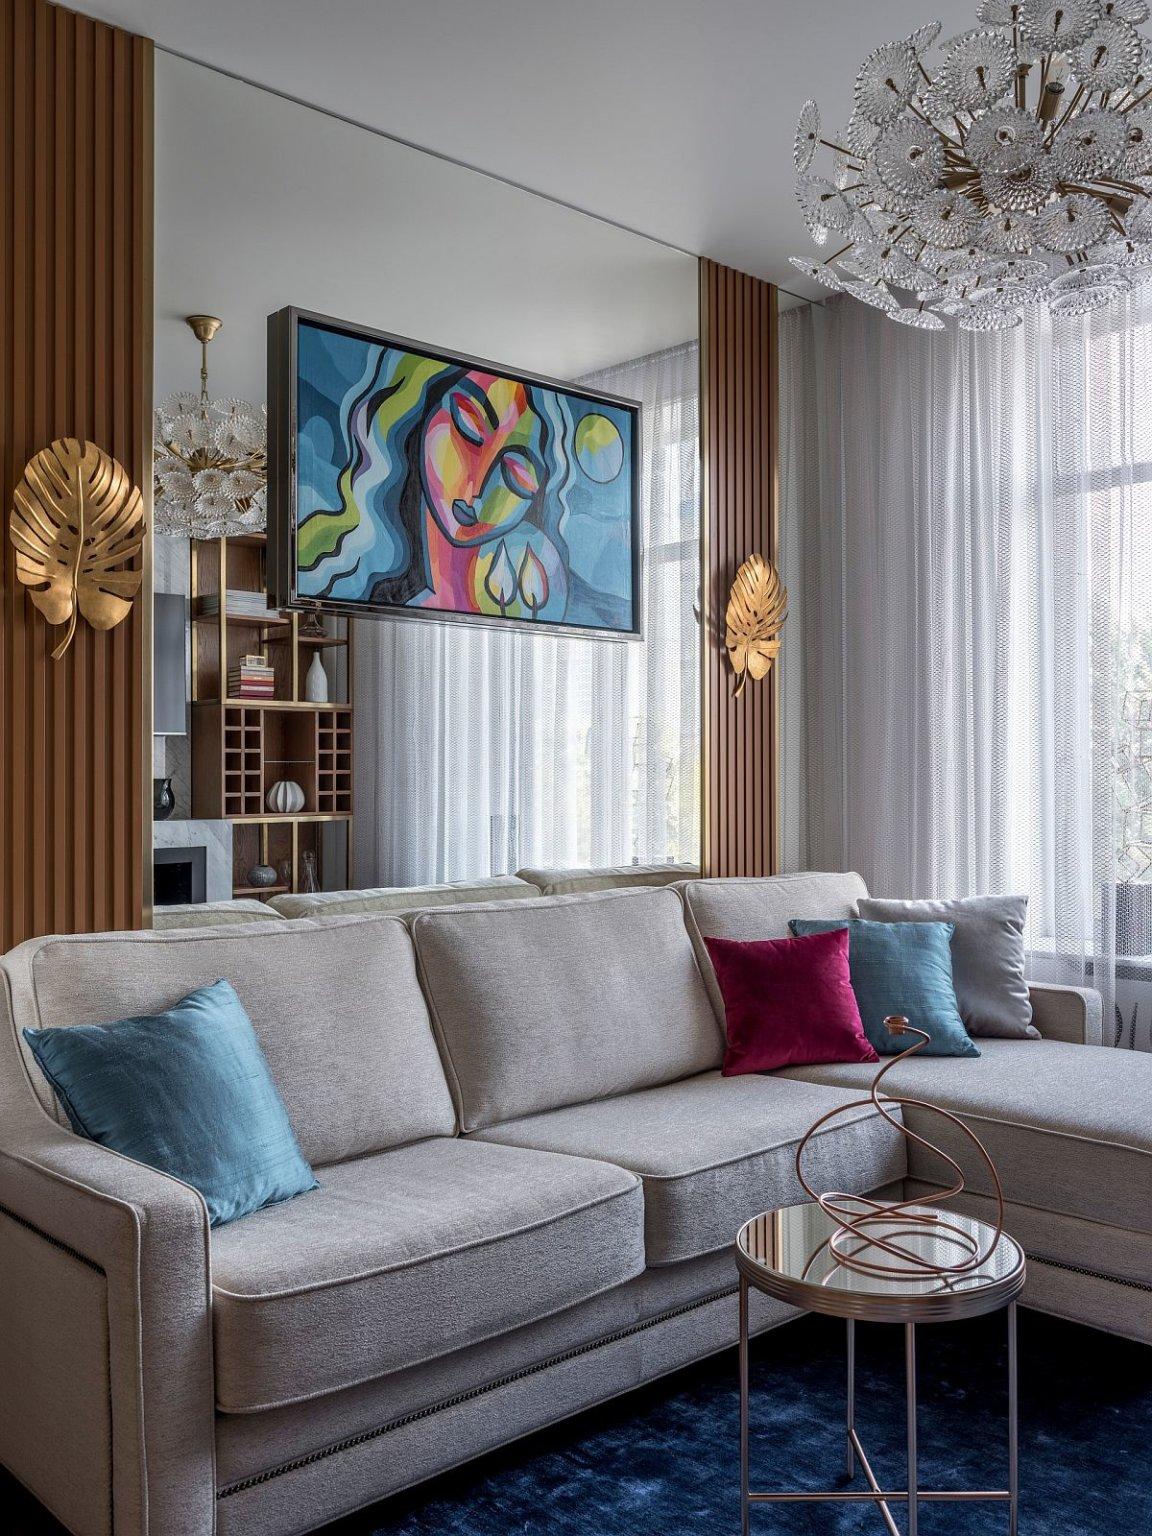 Hình ảnh phòng khách màu trung tính chủ đạo với sofa xám, gối tựa màu sắc